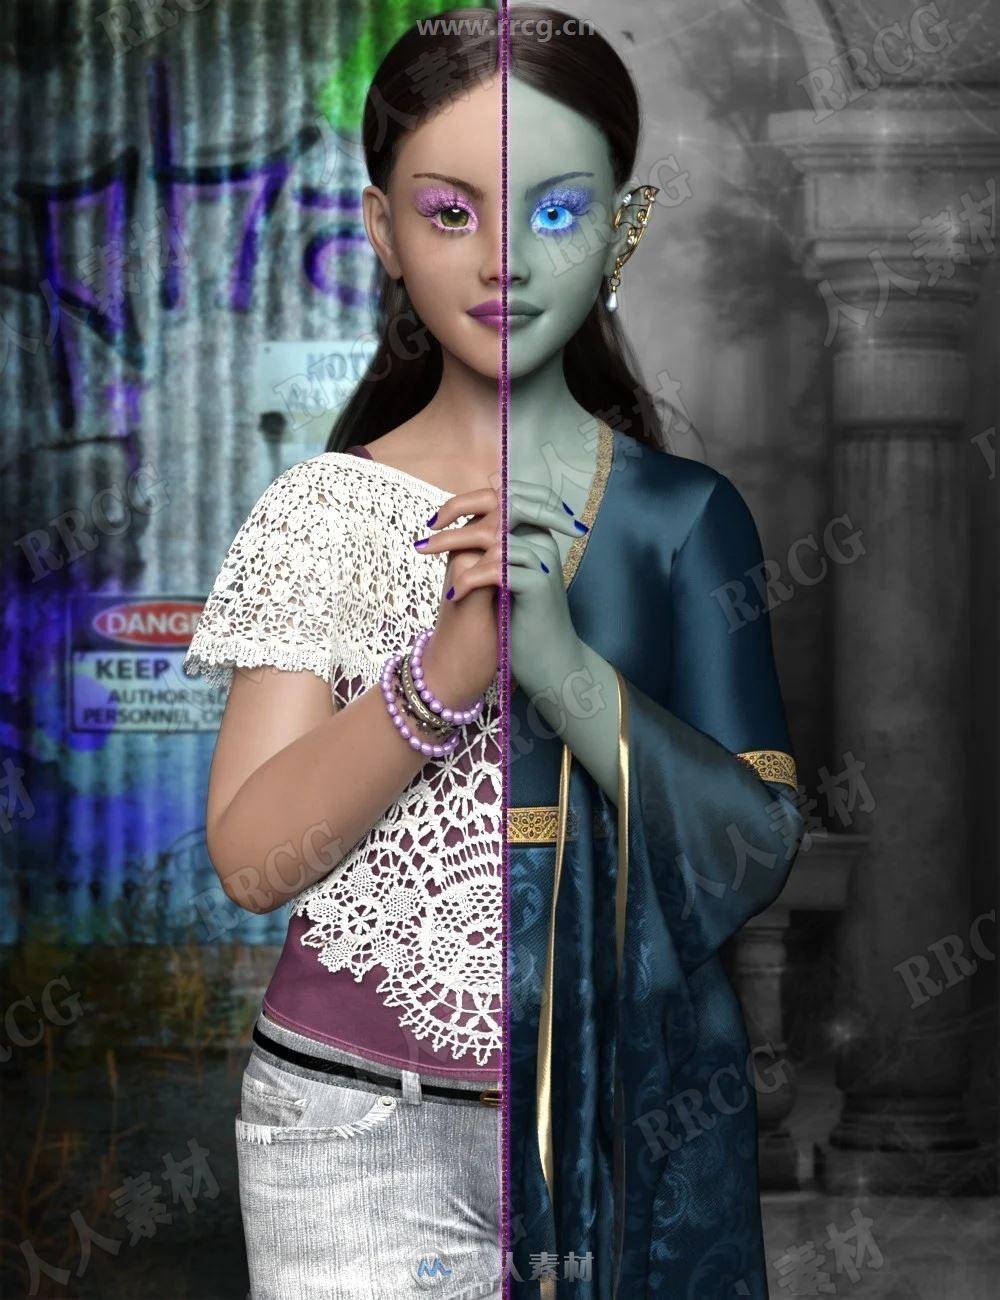 一人双面可爱年轻精灵女孩3D模型合集